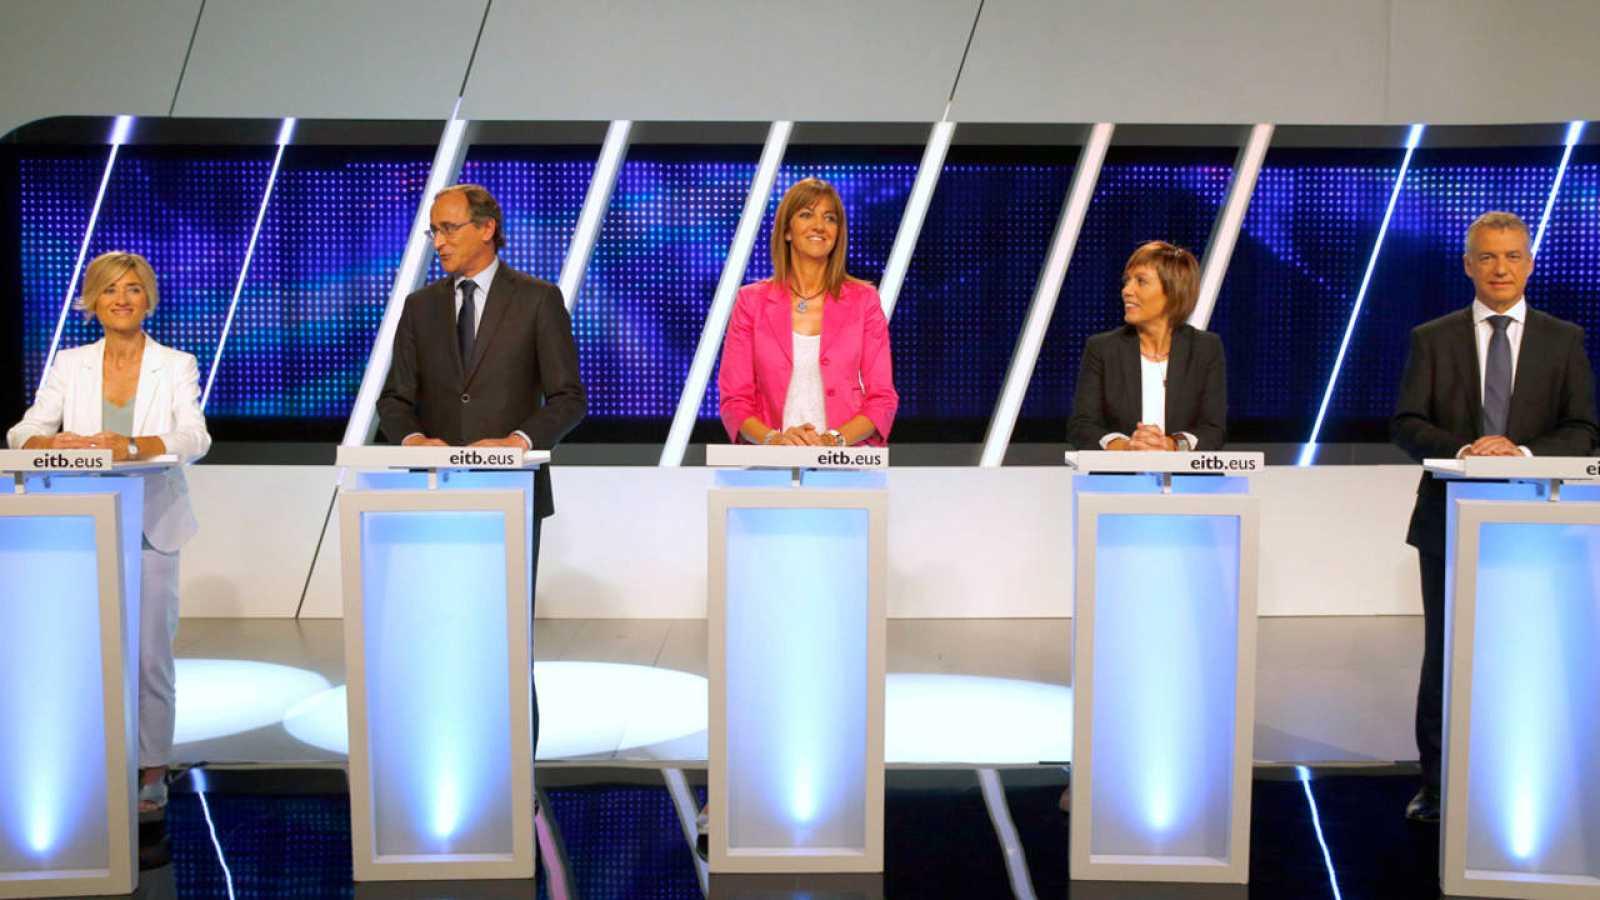 Pili Zabala (Podemos), Alfonso Alonso (PP), Idoia Mendia (PSE), Miren Larrion (EH Bildu) e Iñigo Urkullu (PNV), antes de debate en la ETB.